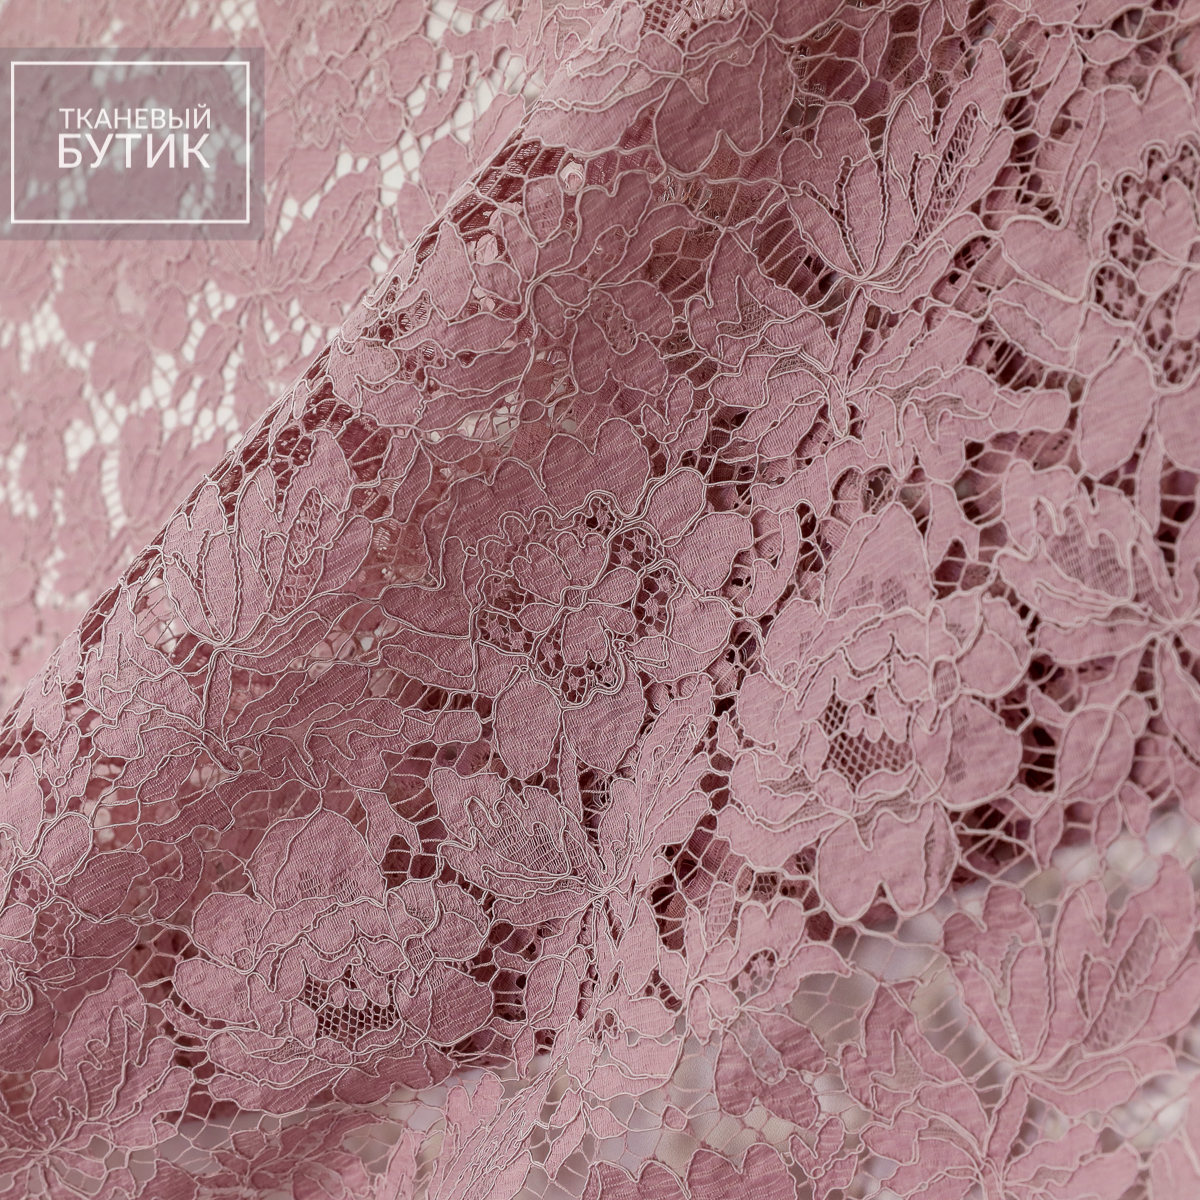 Сиренево-розовое кружево с изящным кордовым дизайном